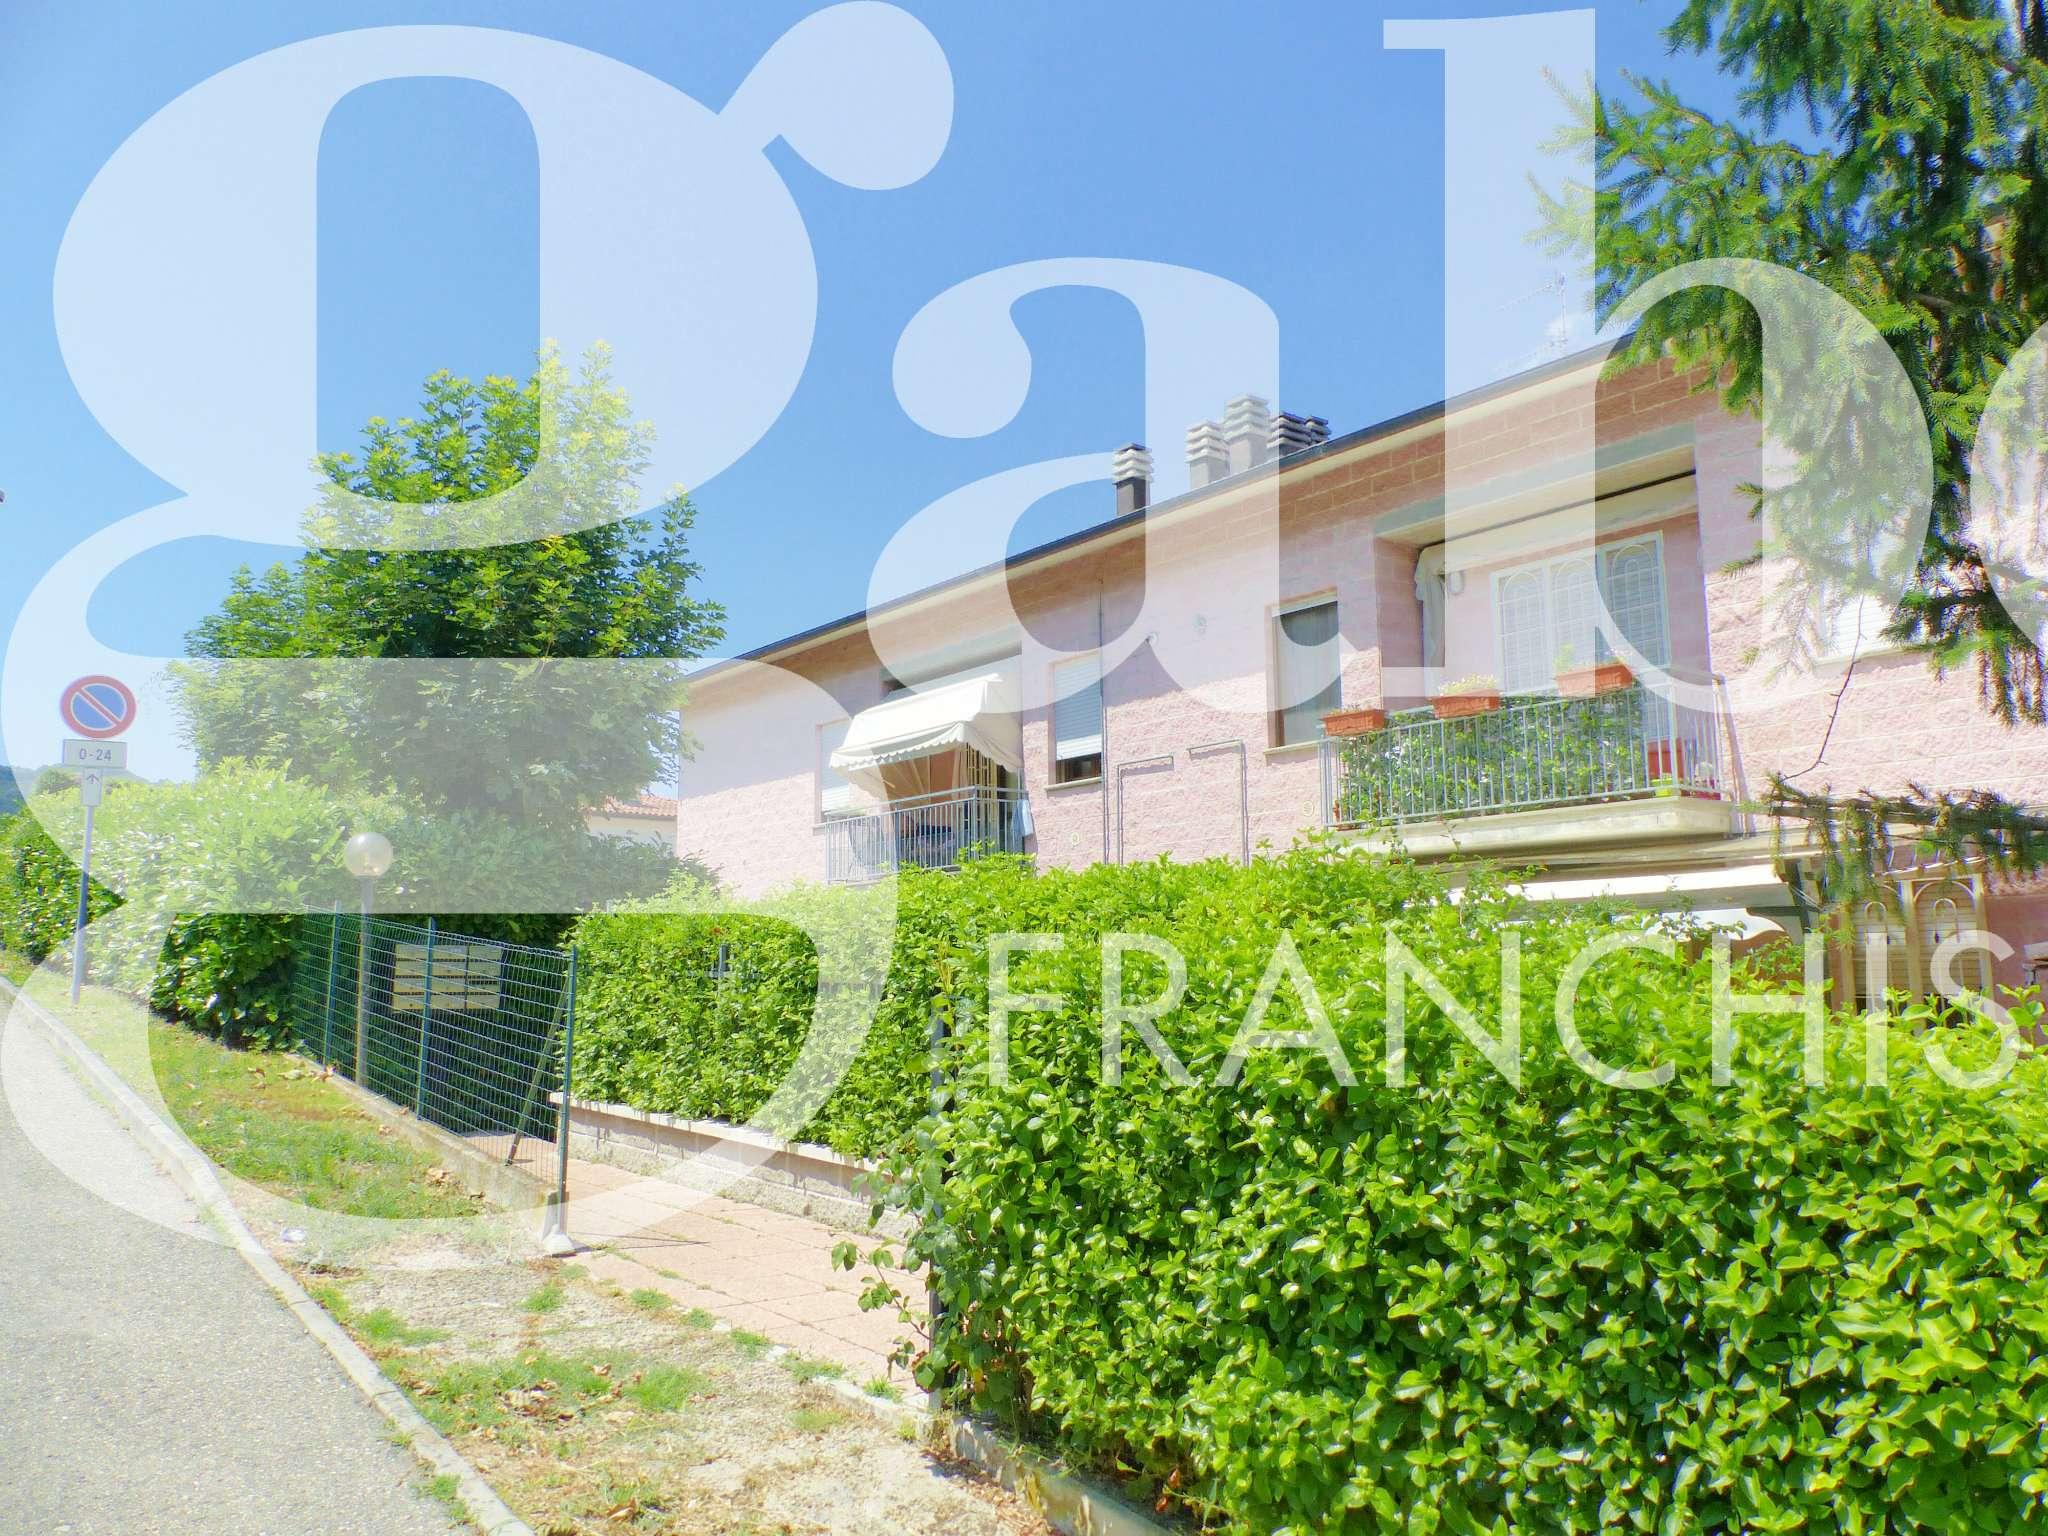 Appartamento in vendita a Marzabotto, 4 locali, prezzo € 118.000 | PortaleAgenzieImmobiliari.it